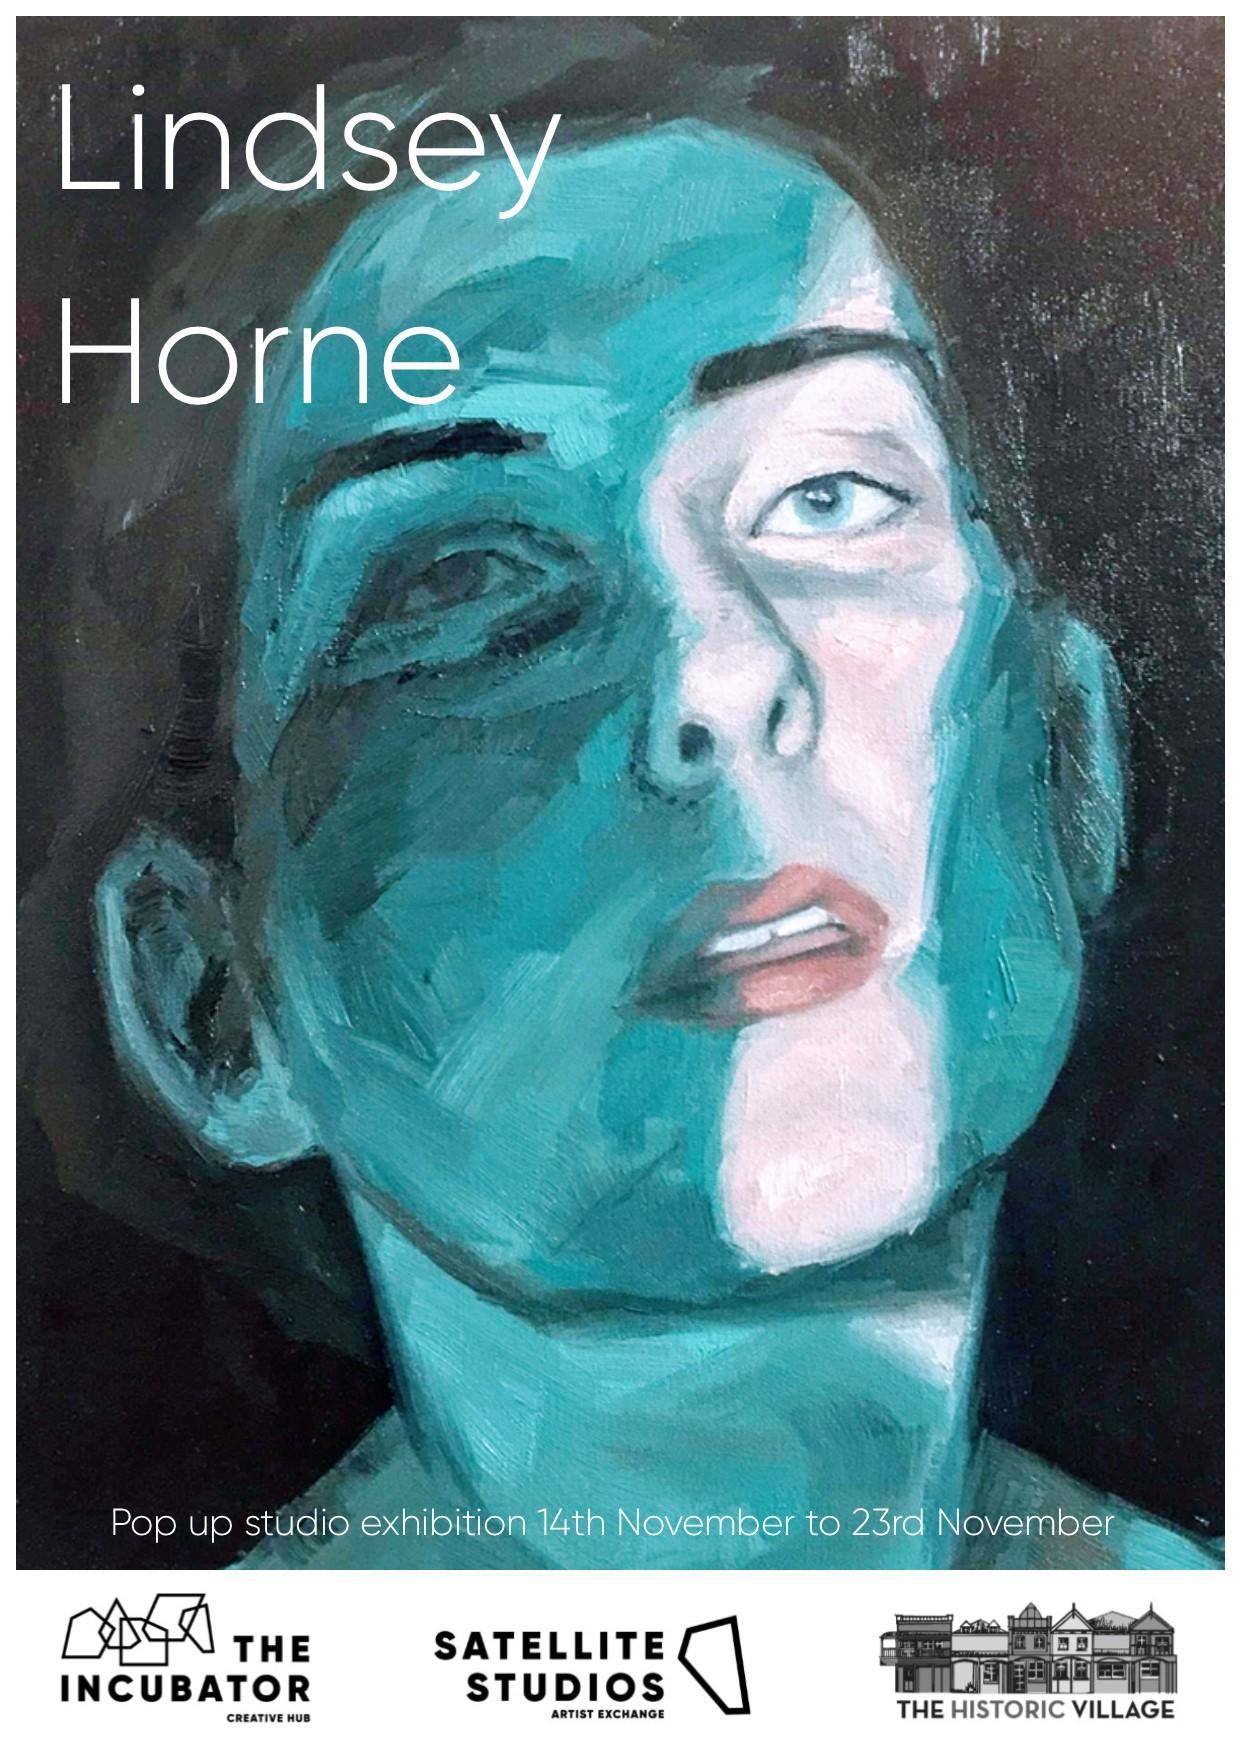 Lindsey Horne Poster